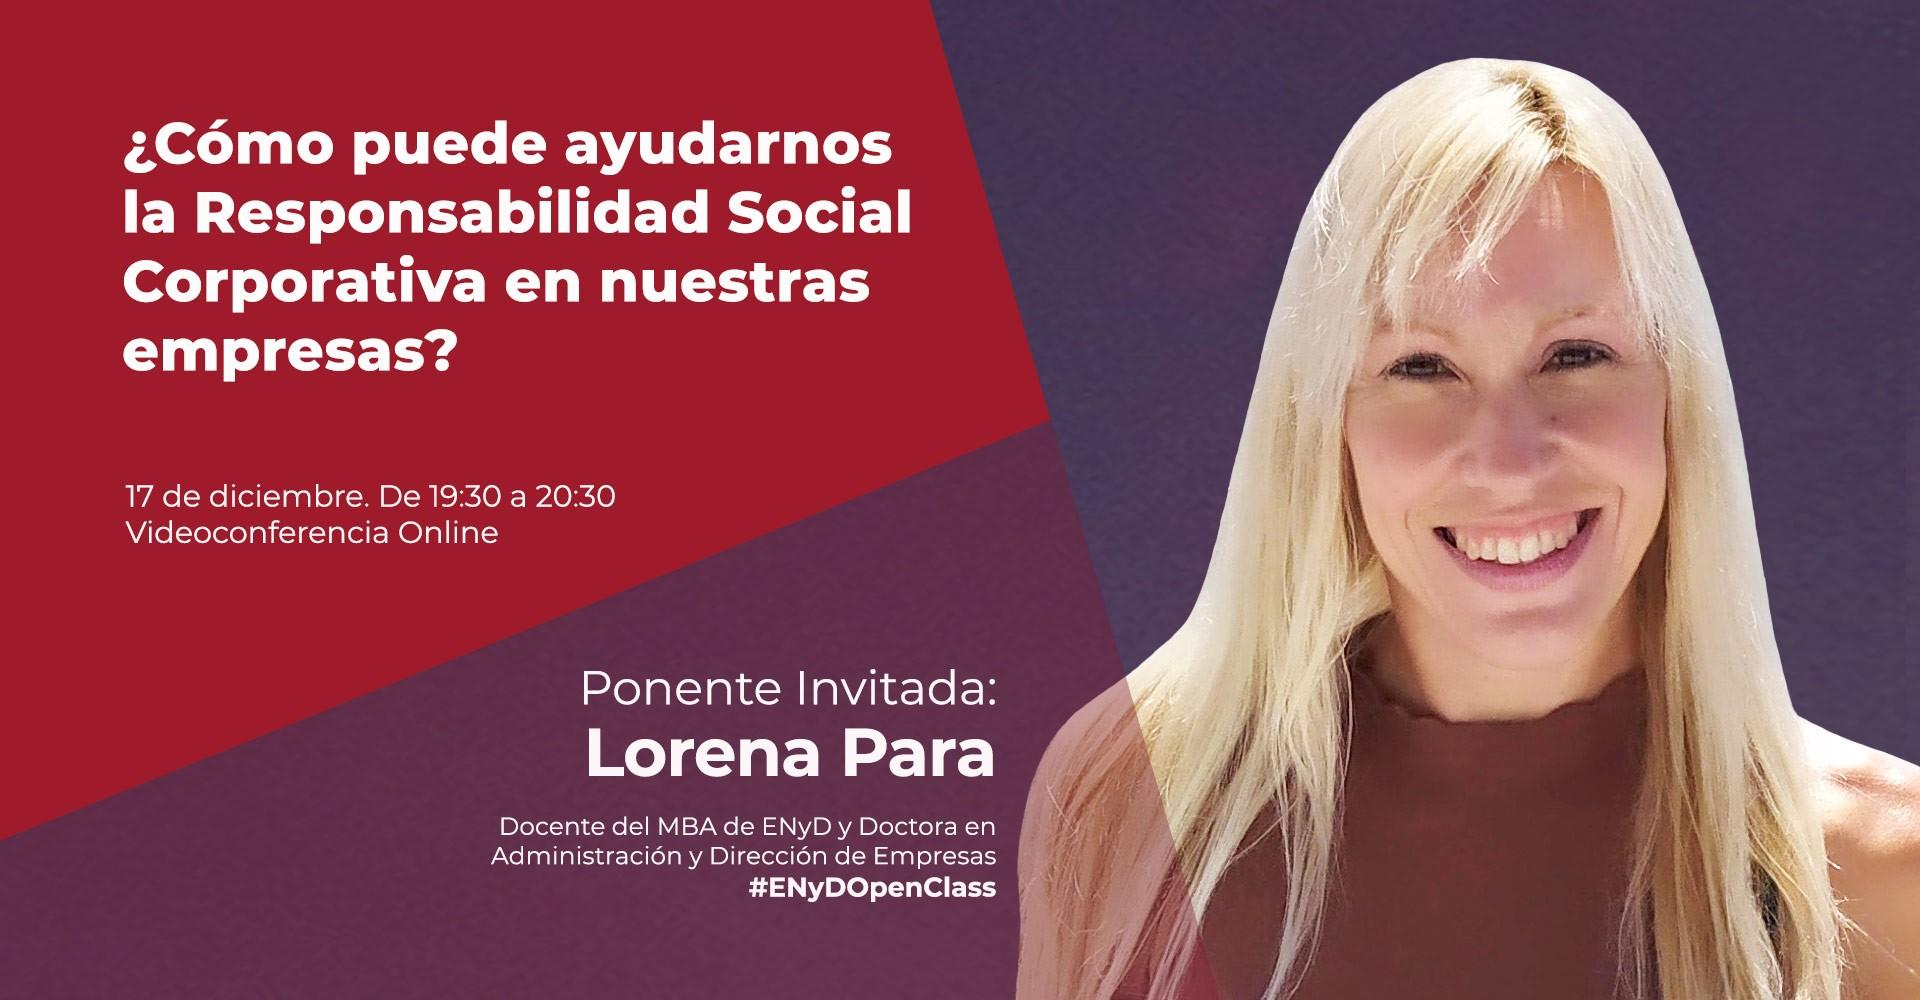 Openclass Lorena Para